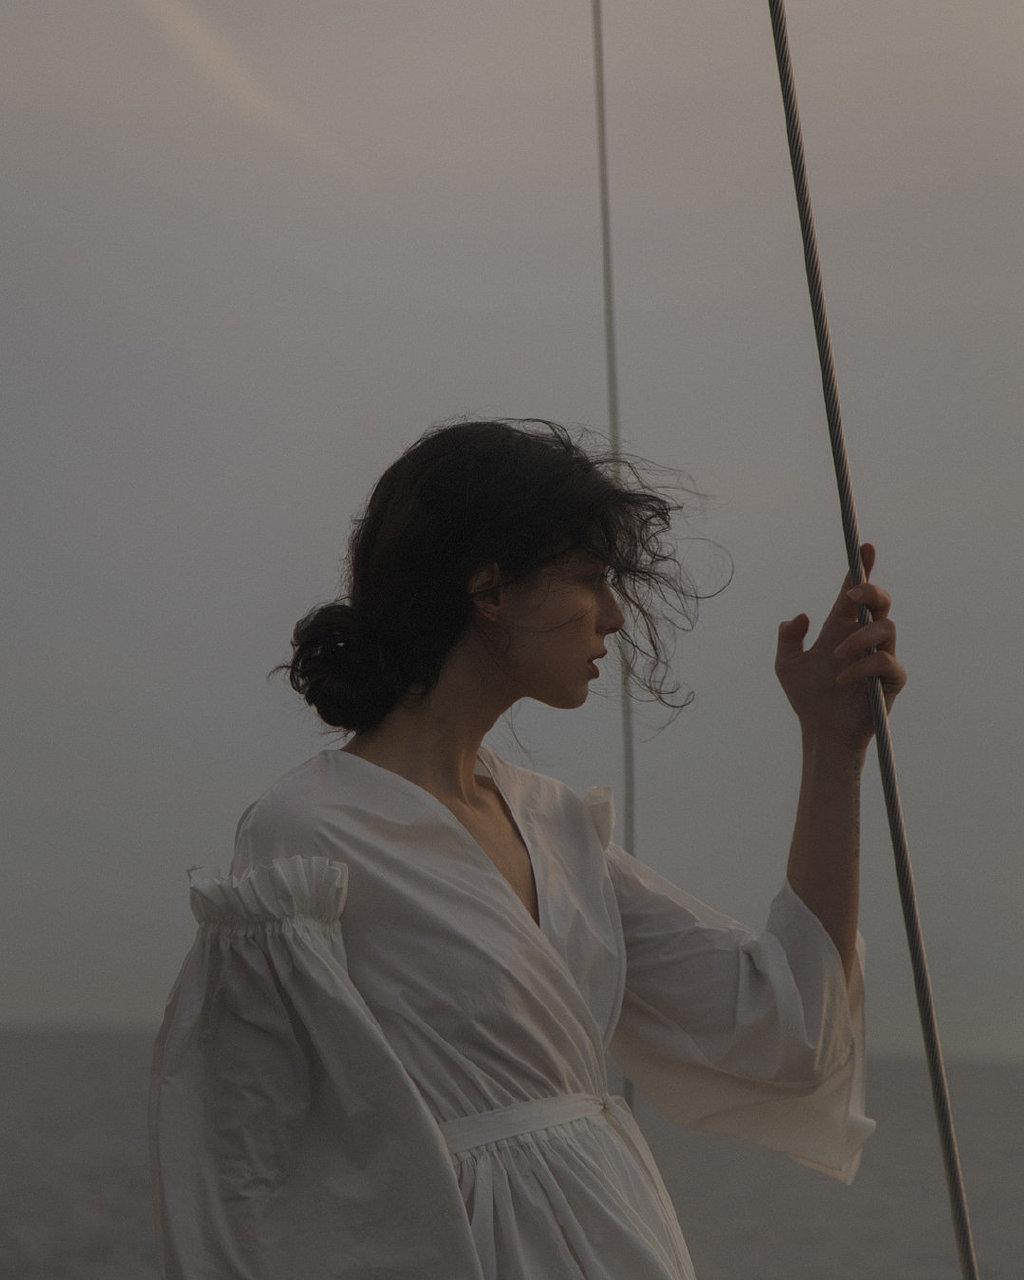 俄罗斯摄影师Anastasia Lisitsyna的人像摄影作品 审美灵感 第8张